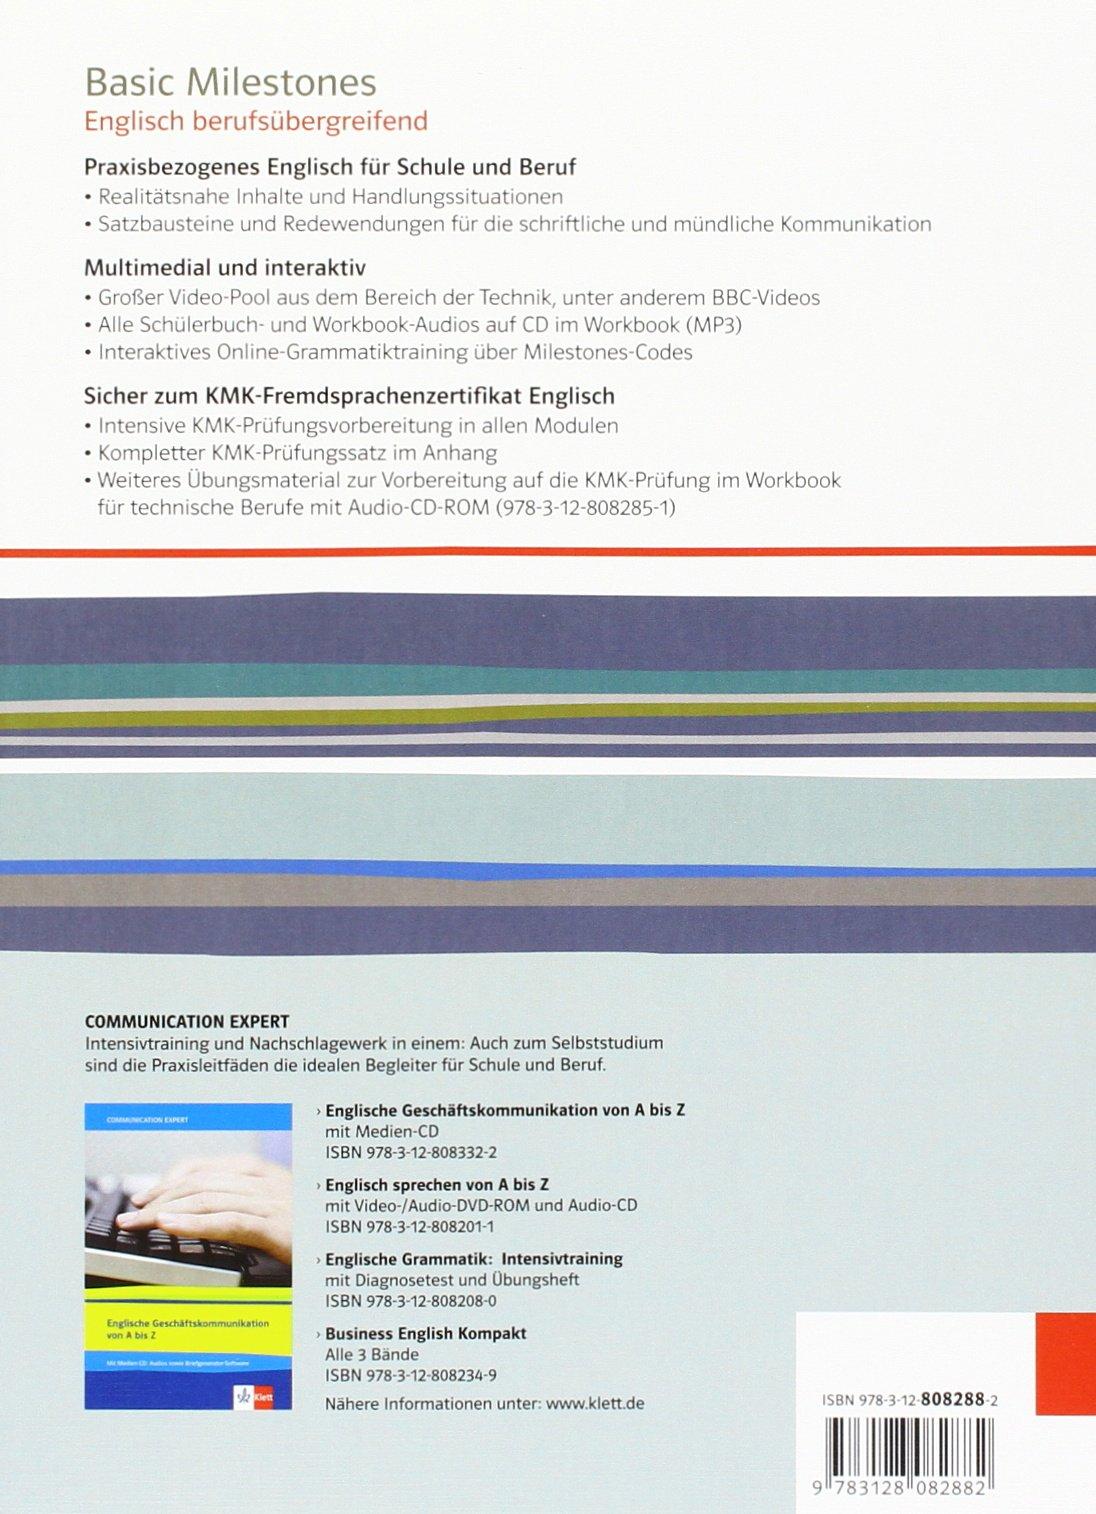 Basic Milestones: Englisch berufsübergreifend: Amazon.de: Wolfgang ...